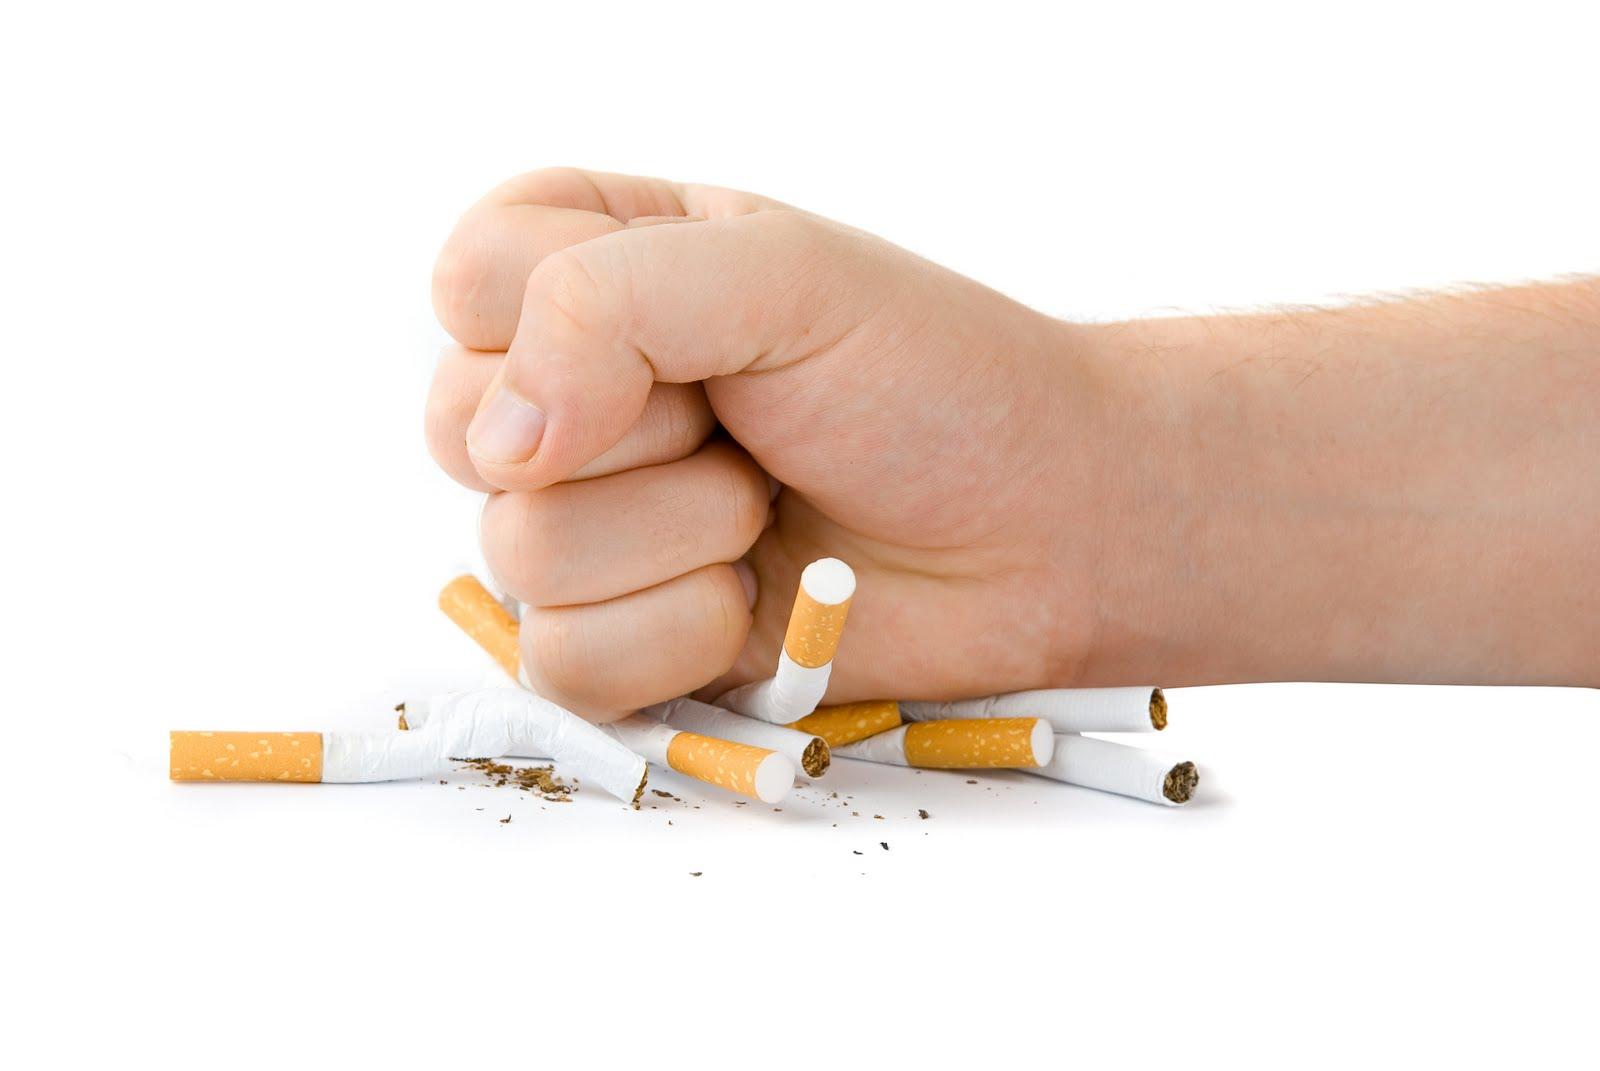 Τα οφέλη της διακοπής του καπνίσματος